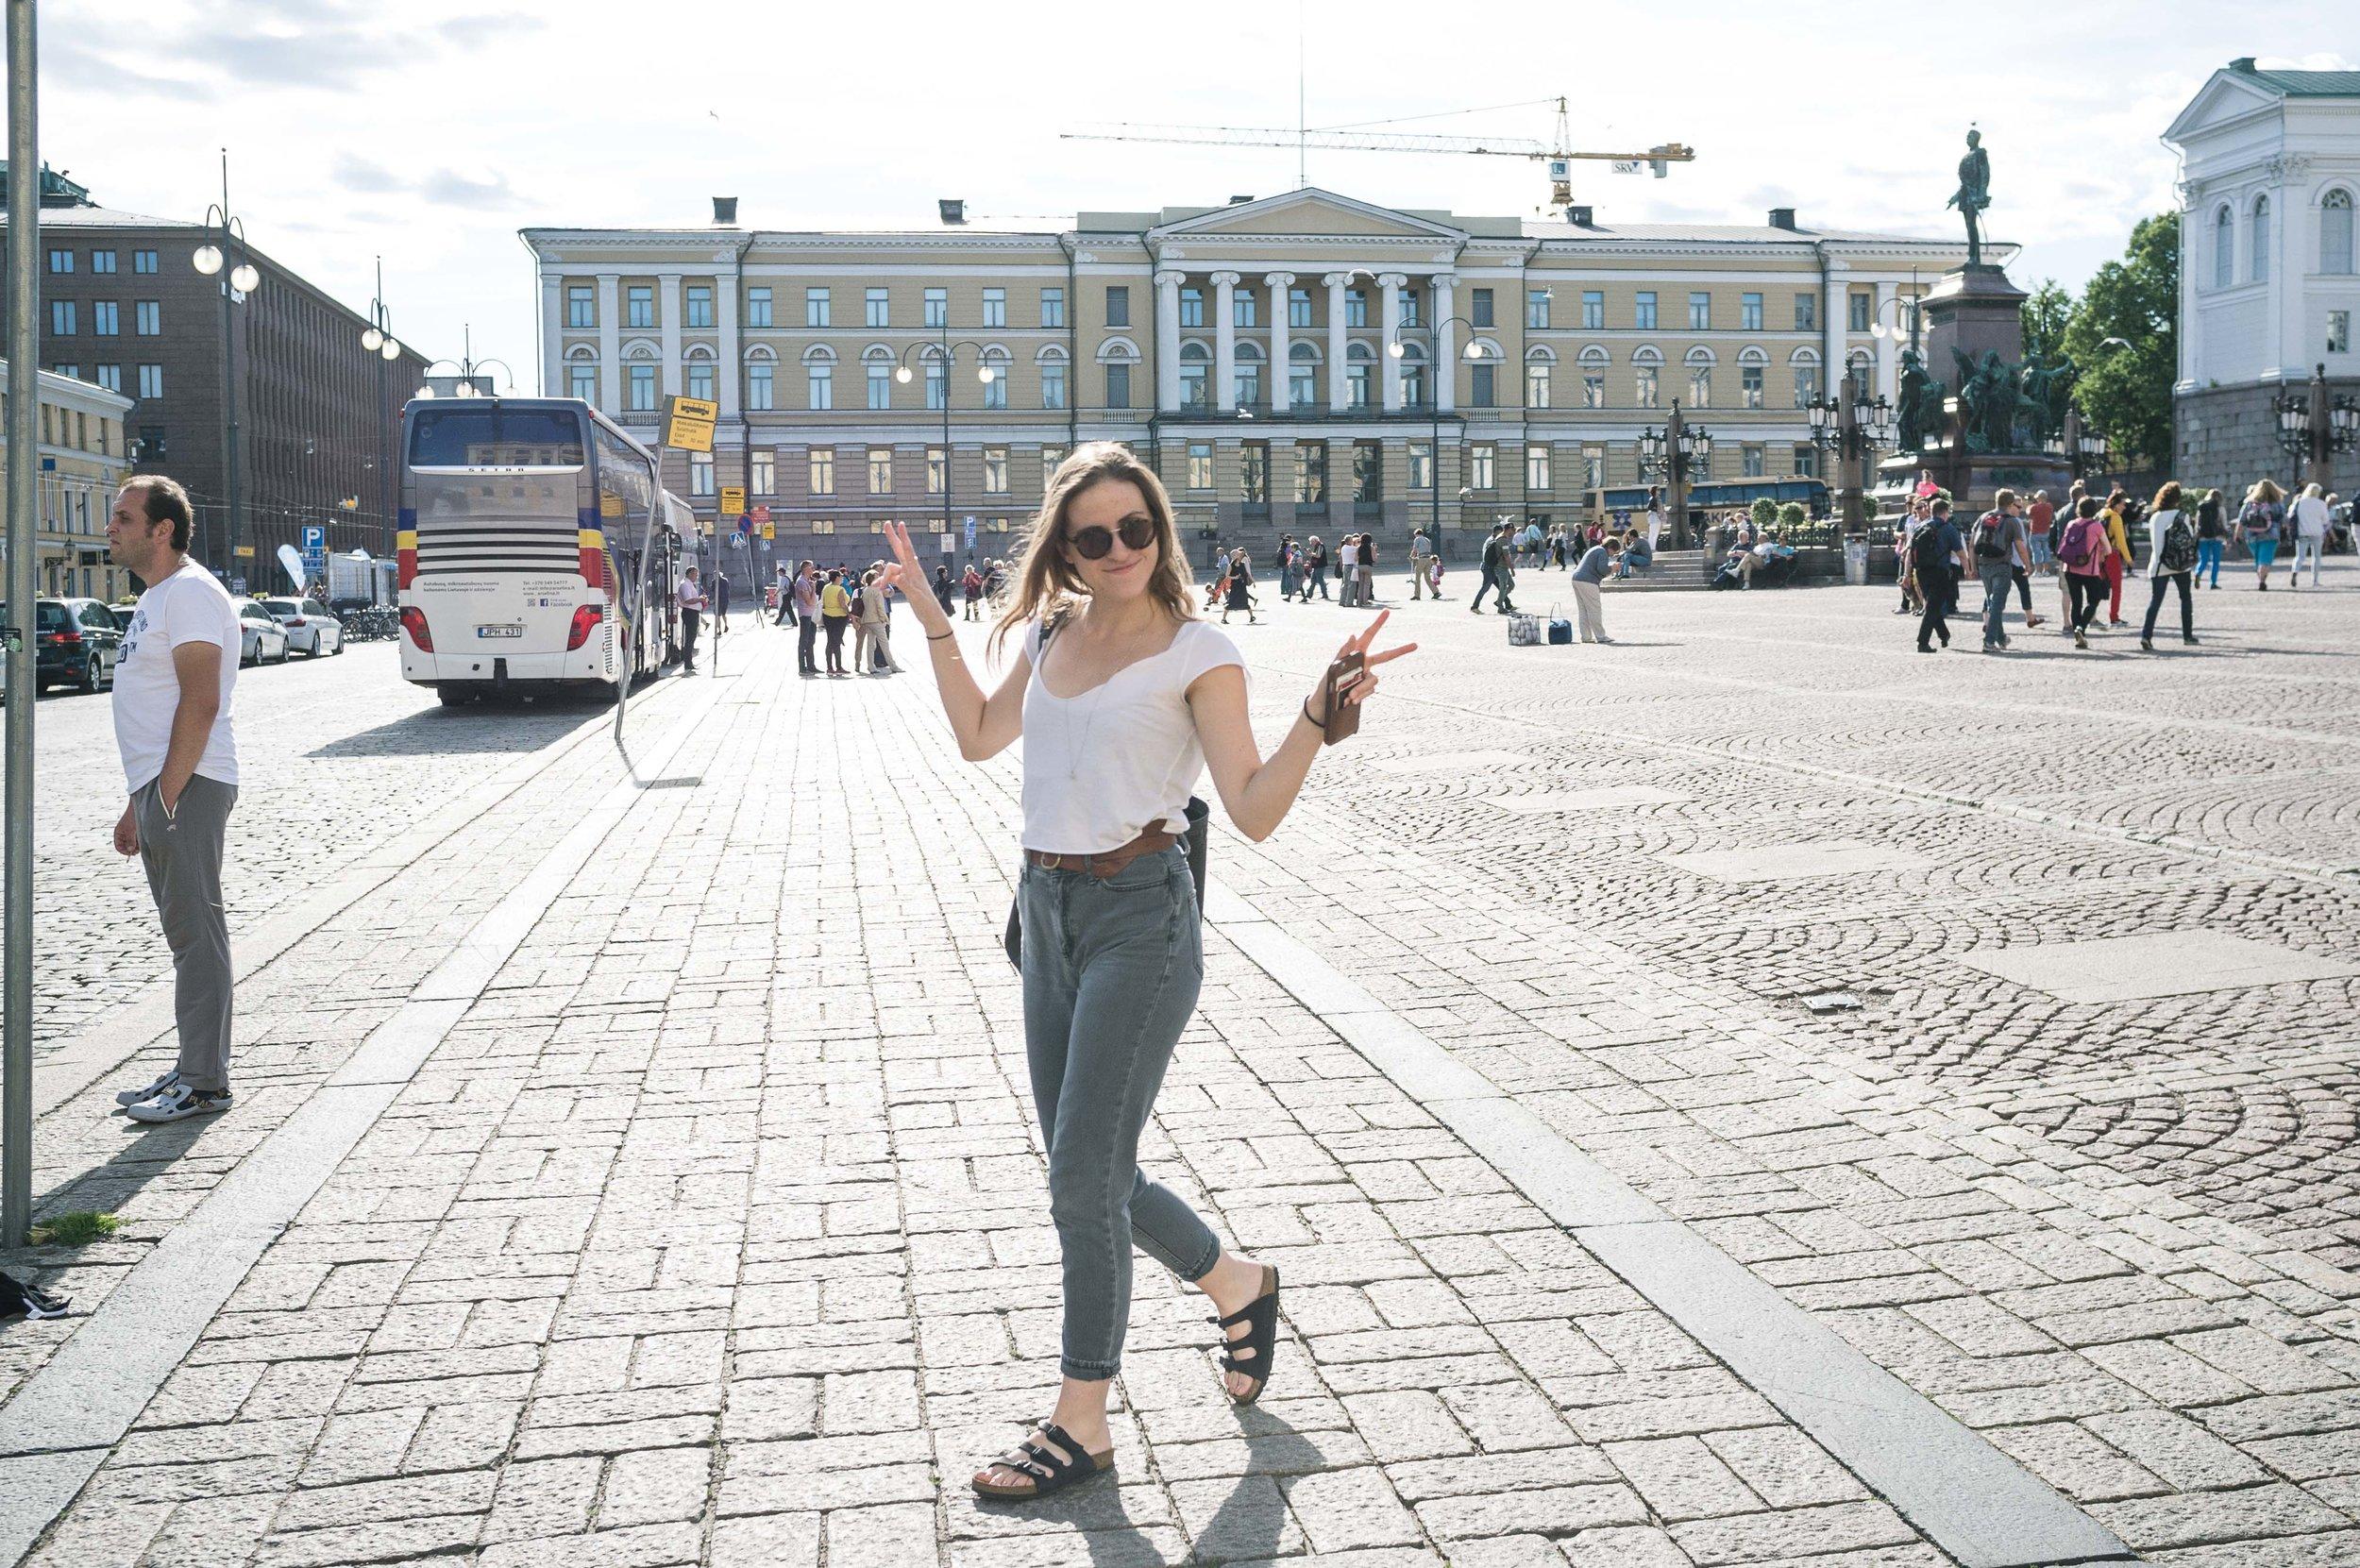 Helsinki, Finland (photo from Jeni Magana)